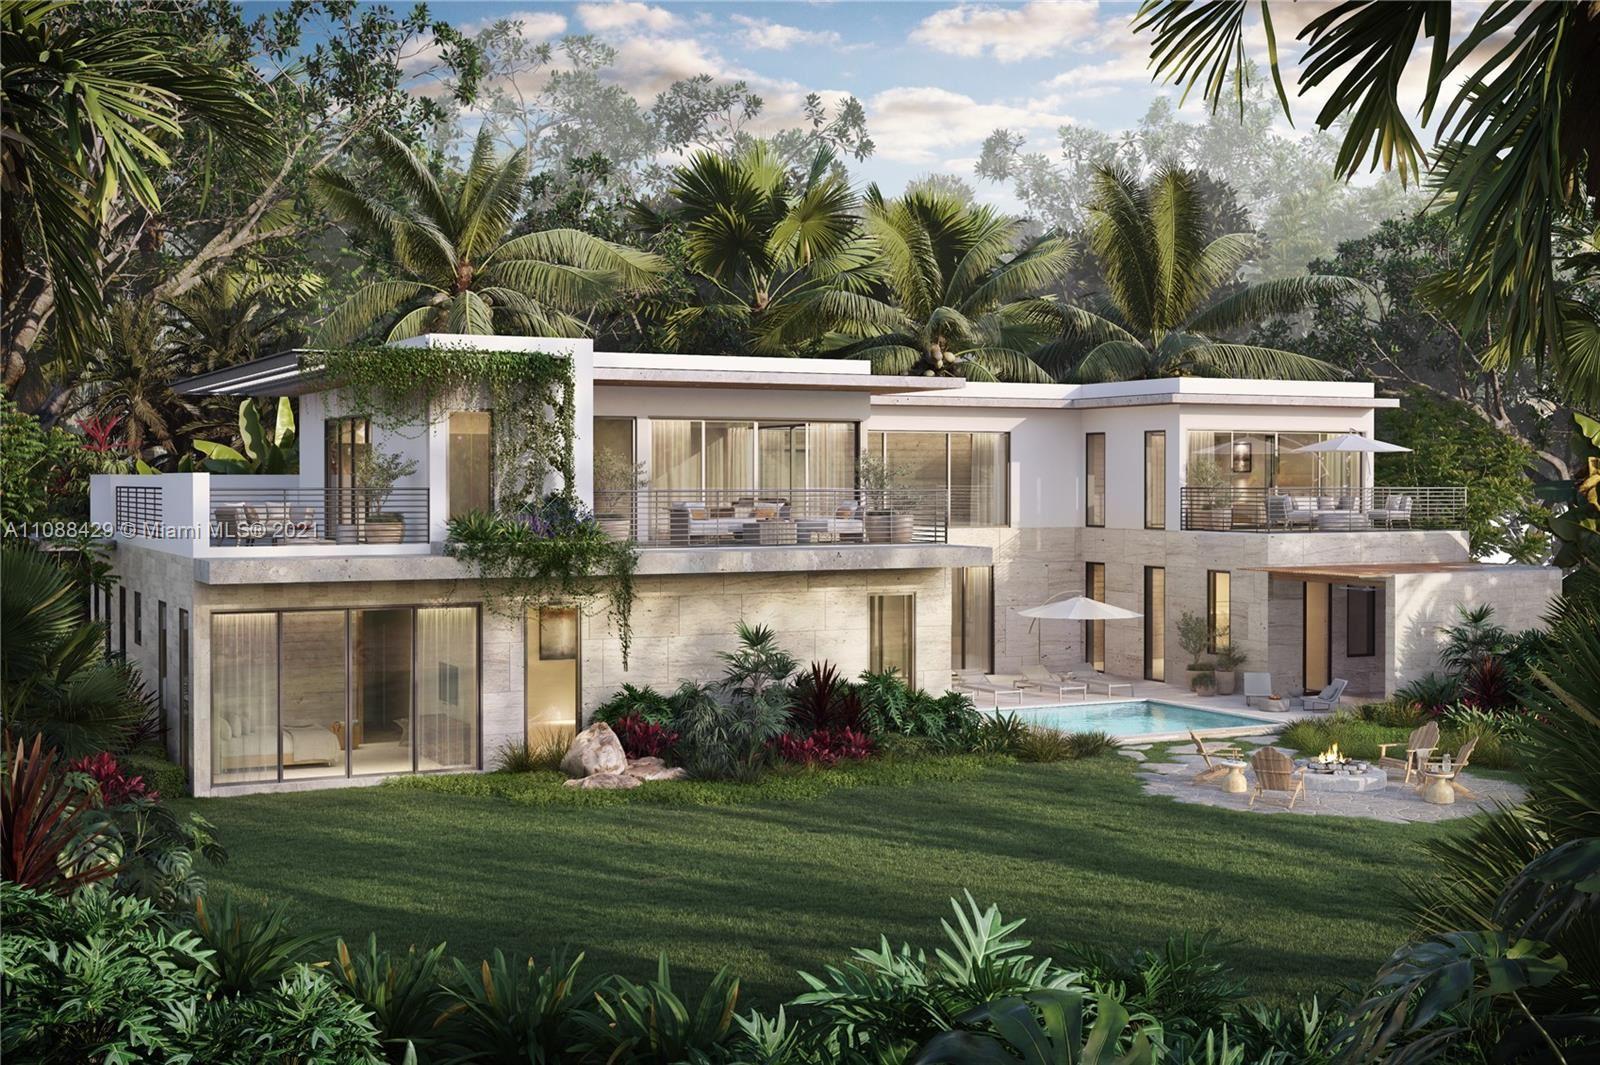 3834 El Prado Blvd, Miami, FL 33133 - #: A11088429